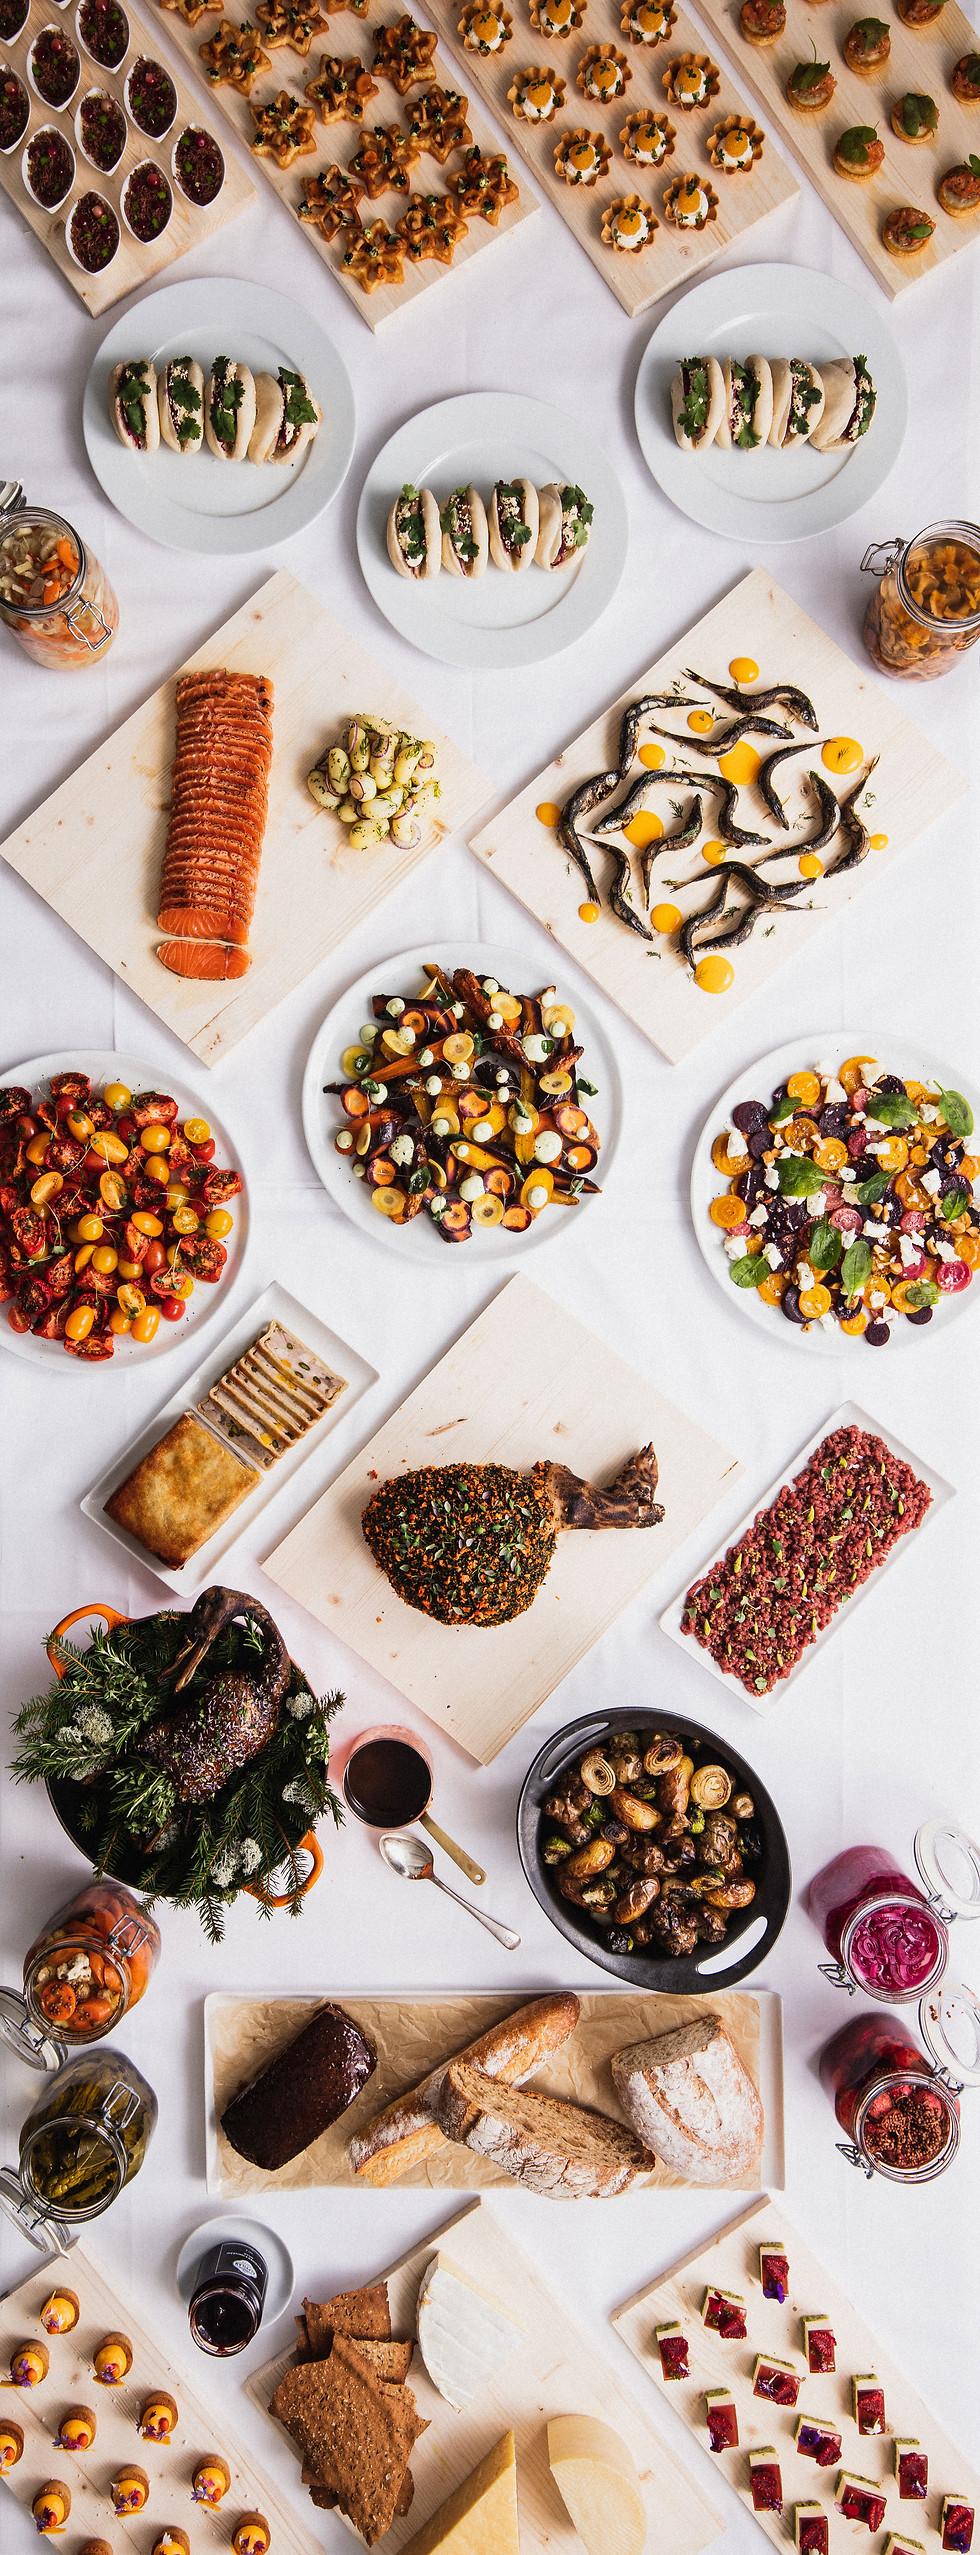 Buffettipöytä, jossa on monenlaista kauniisti katettua ruokaa, erilaisia cocktailpaloja, steam buneja, paahdettua lohta, savustettuja muikkuja,salaatteja, tartar-lautanen, kokonainen paahdettu sorsa, paahdettuja perunoita ja artisokkia, erilaisia säilykkeitä purkissa.